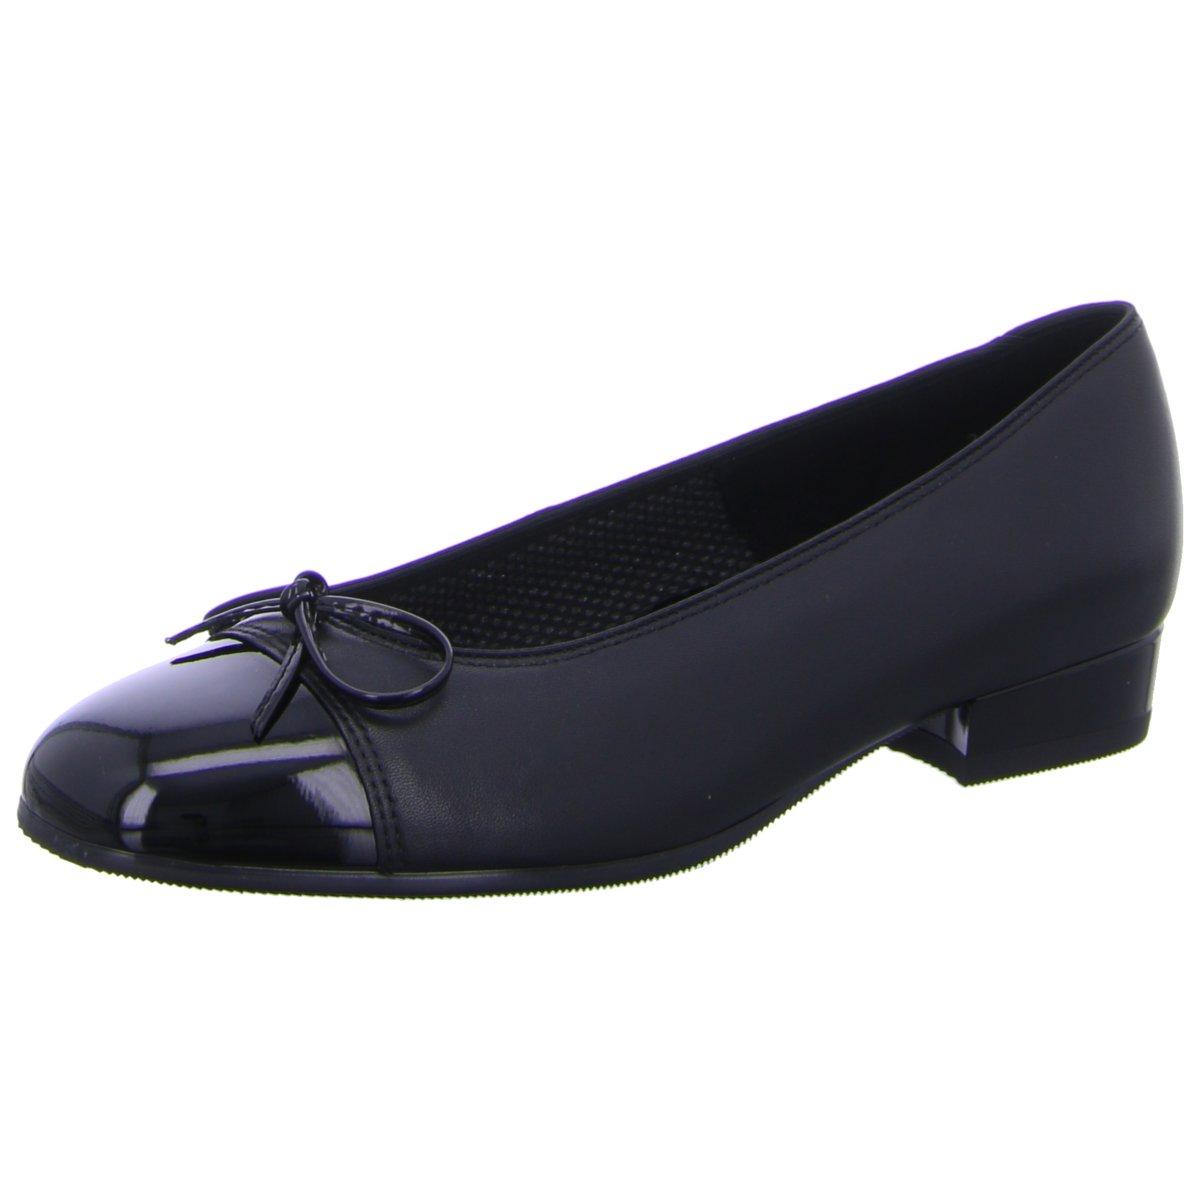 Ara Damen Ballerinas Weite F  2420 3 71 12-43708-01 schwarz 128888